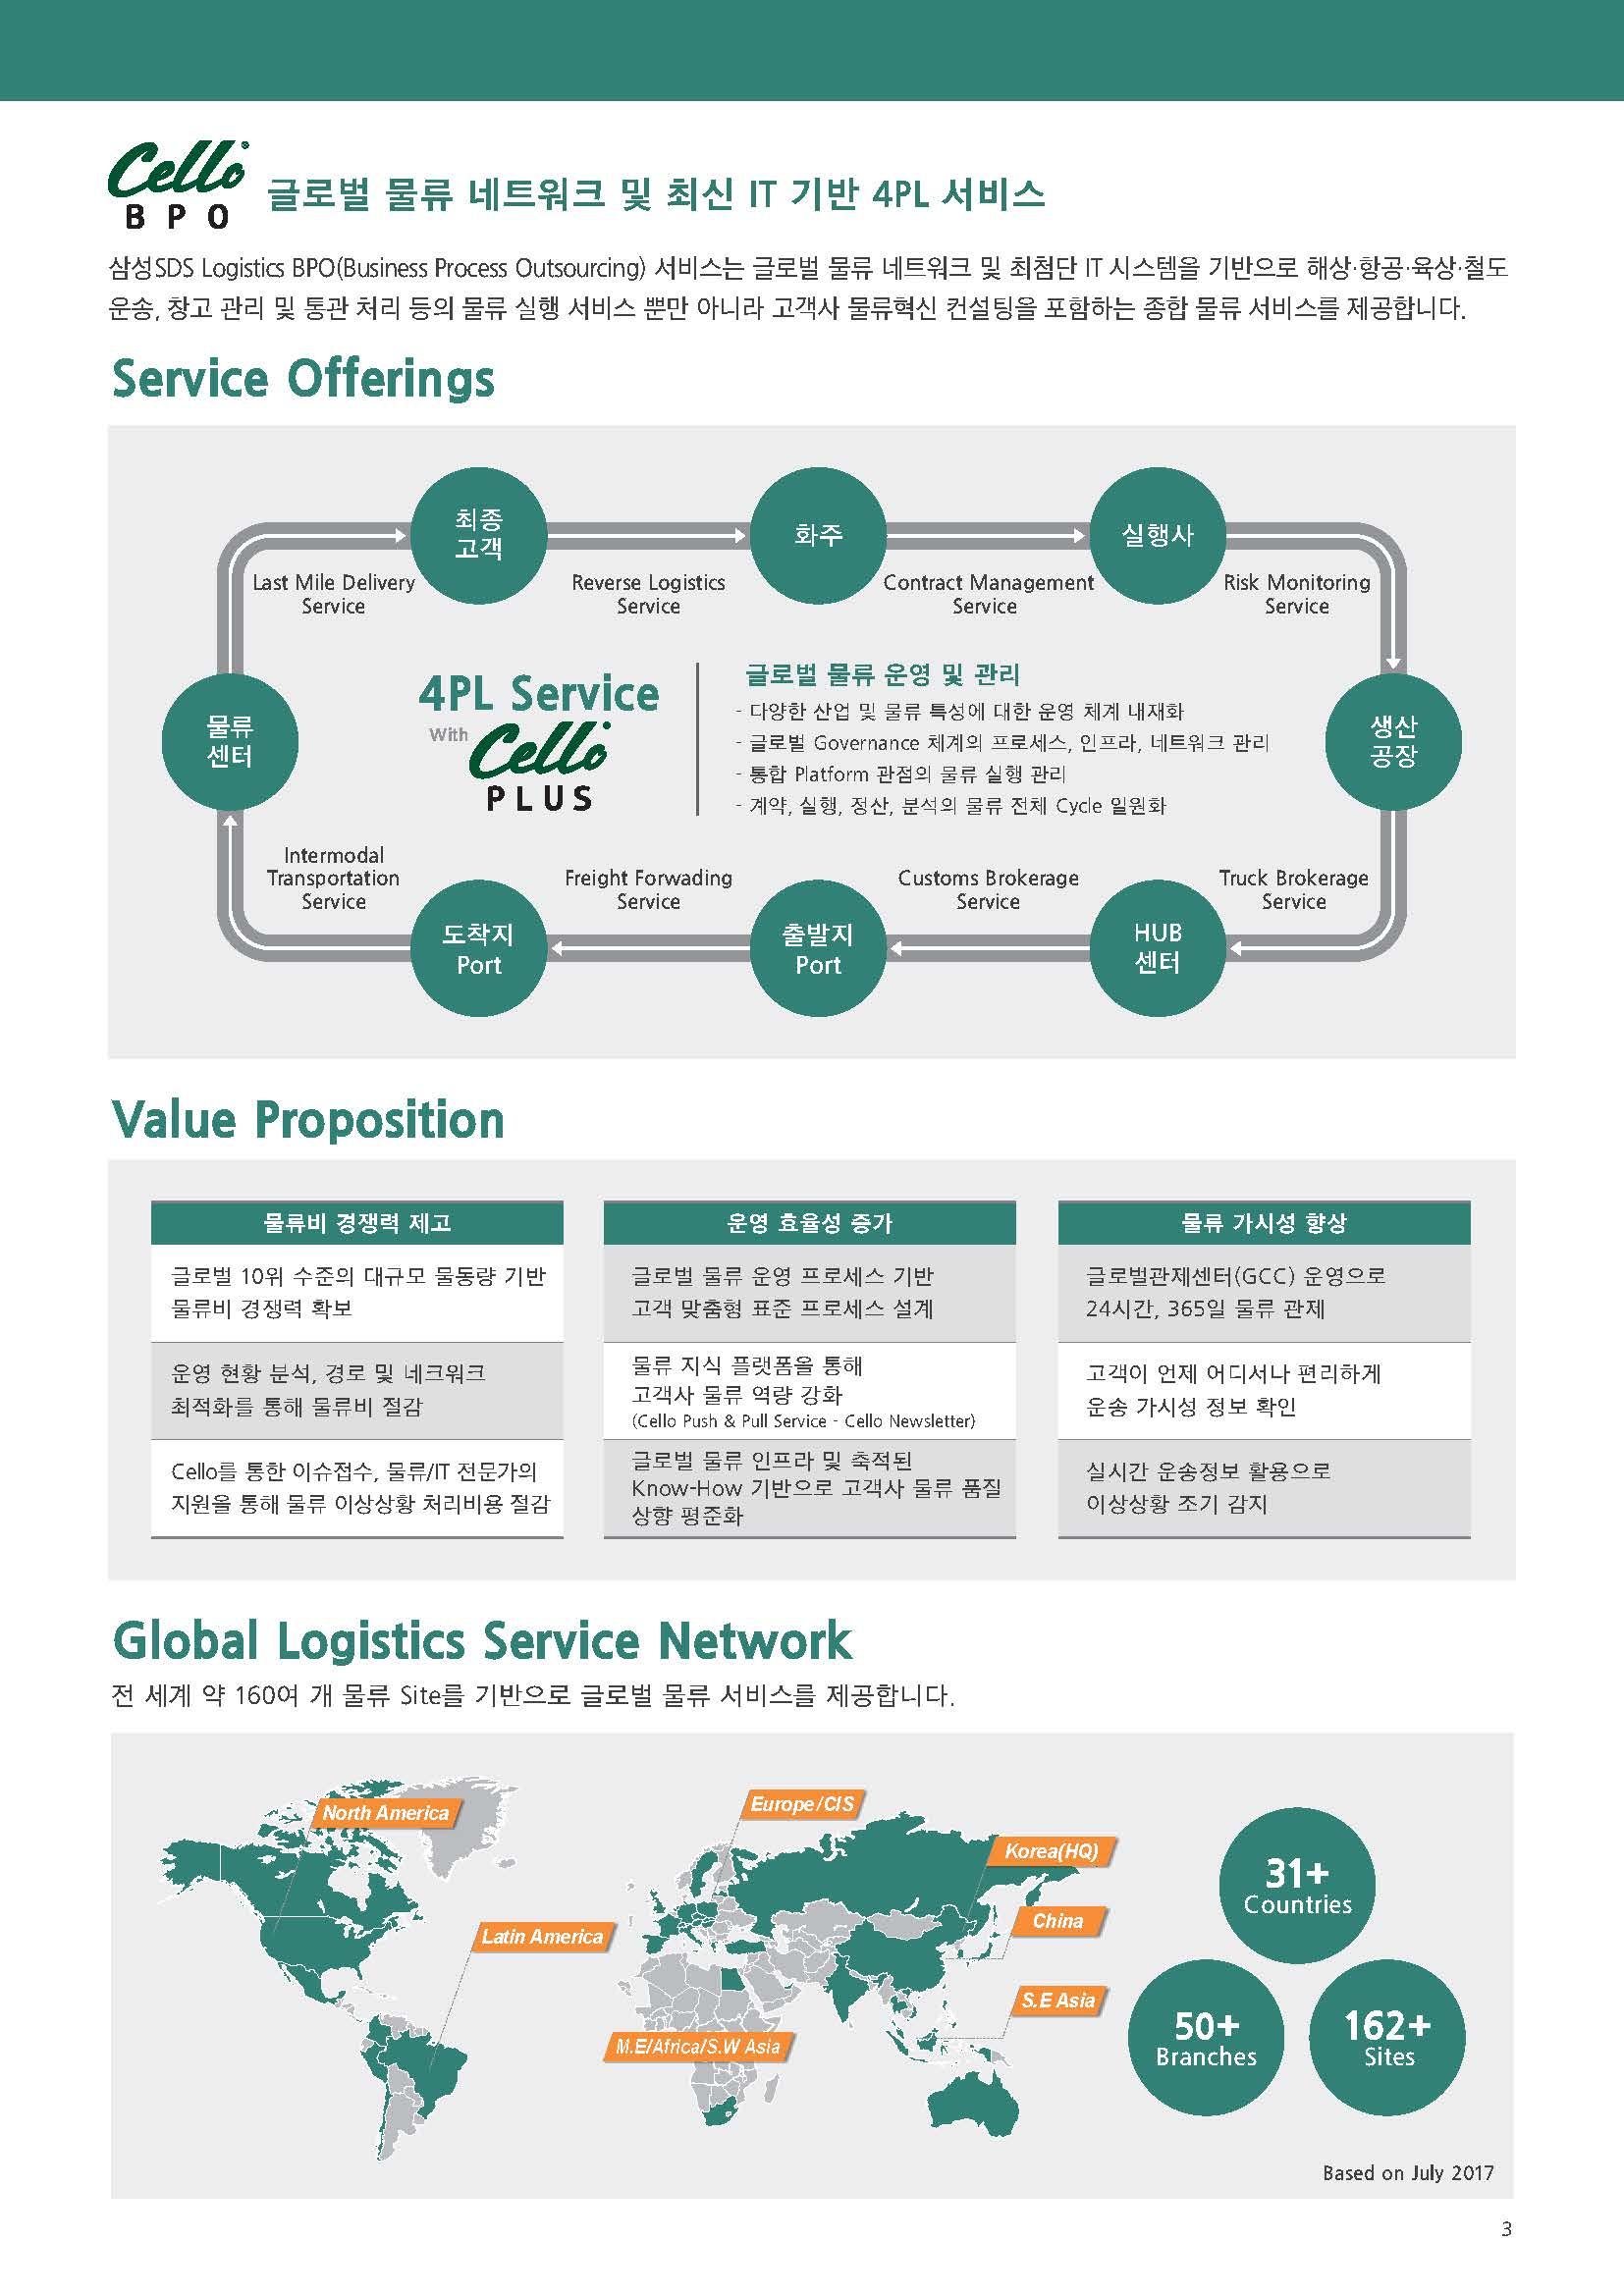 Cello BPO, 글로벌 물류 네트워크 및 최신 IT 기반 4PL 서비스